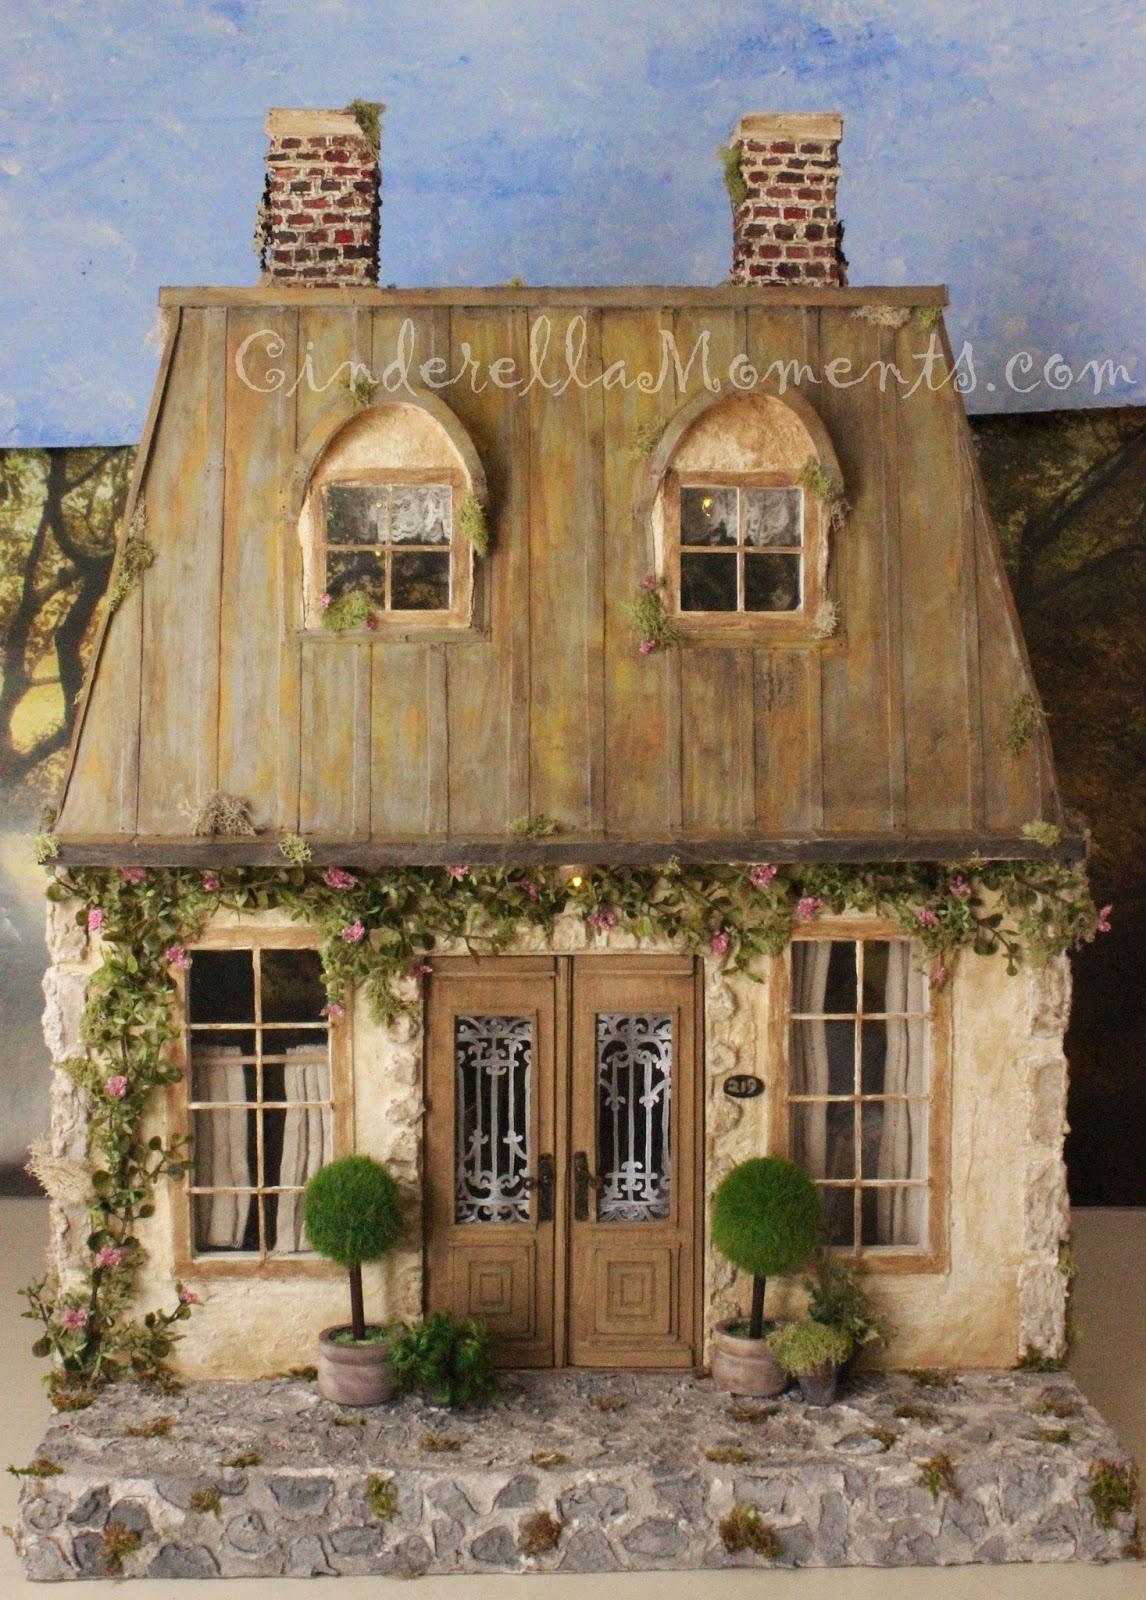 Cinderella moments la maison de campagne custom dollhouse - Maison de la campagne ...